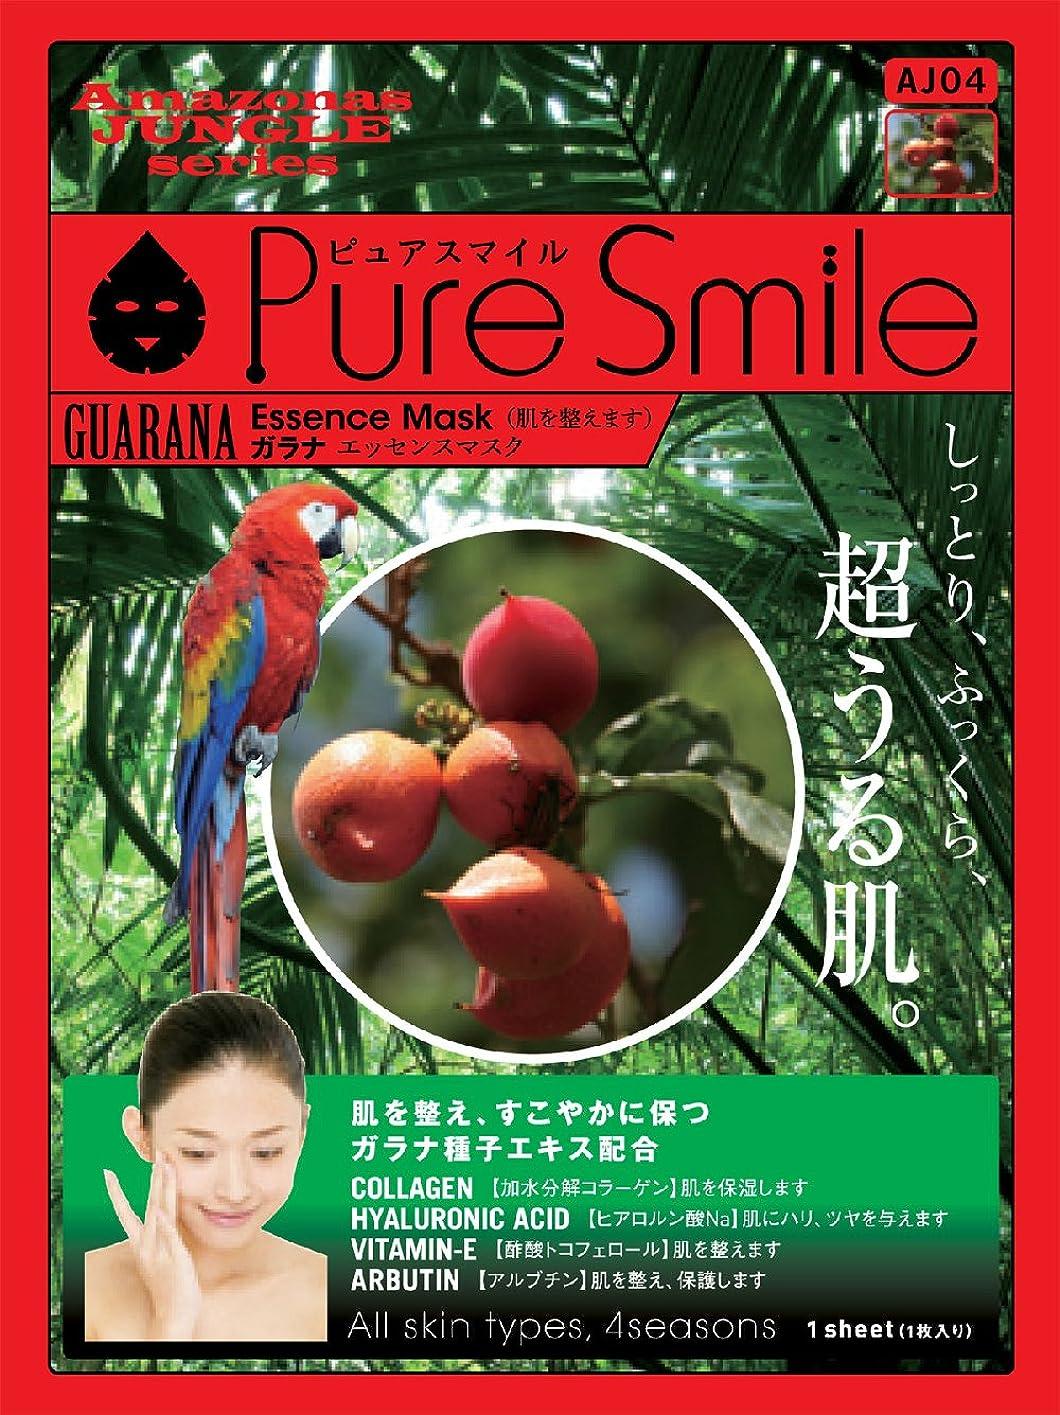 鉄熟考する清めるPure Smile エッセンスマスク ガラナ 23ml?30枚